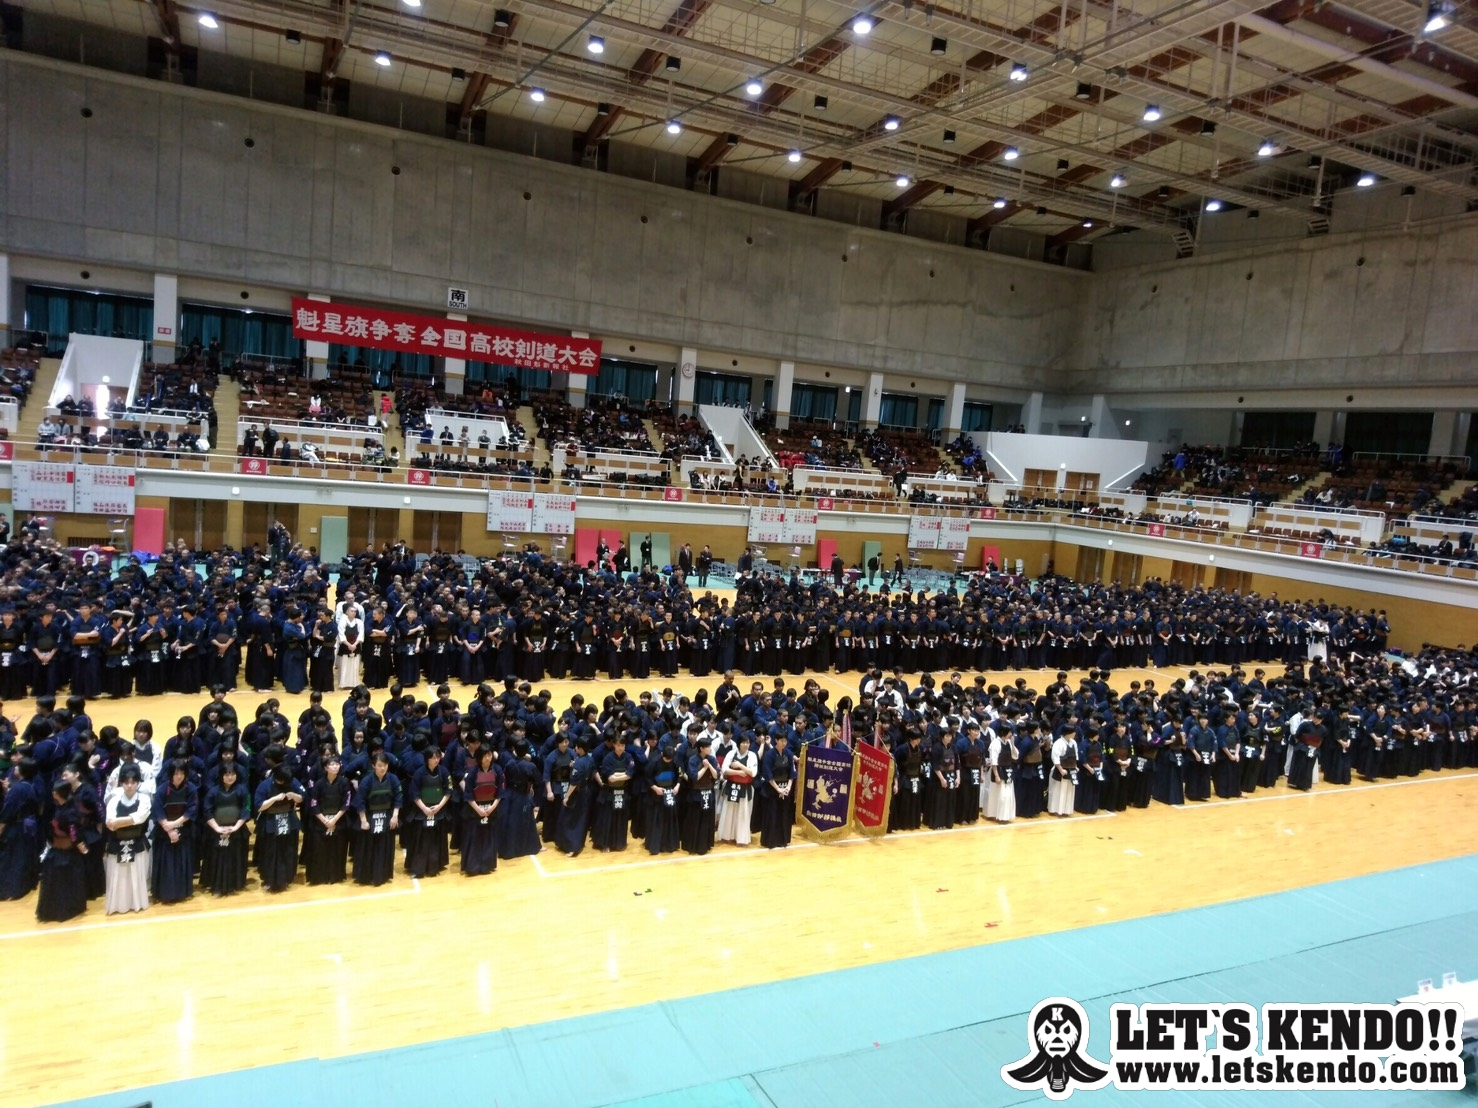 【大会情報】3/29〜31 H31魁星旗争奪全国高校勝抜剣道大会